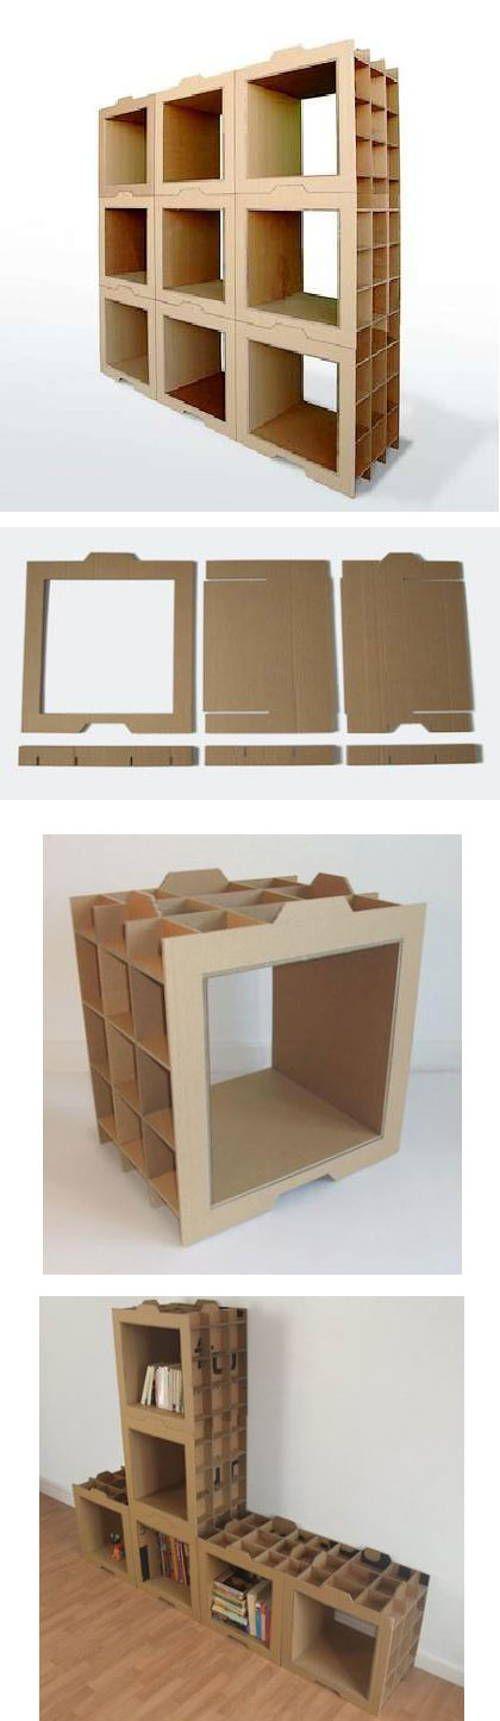 Muebles Modulares De Cart N Pinteres  # Muebles Modulares